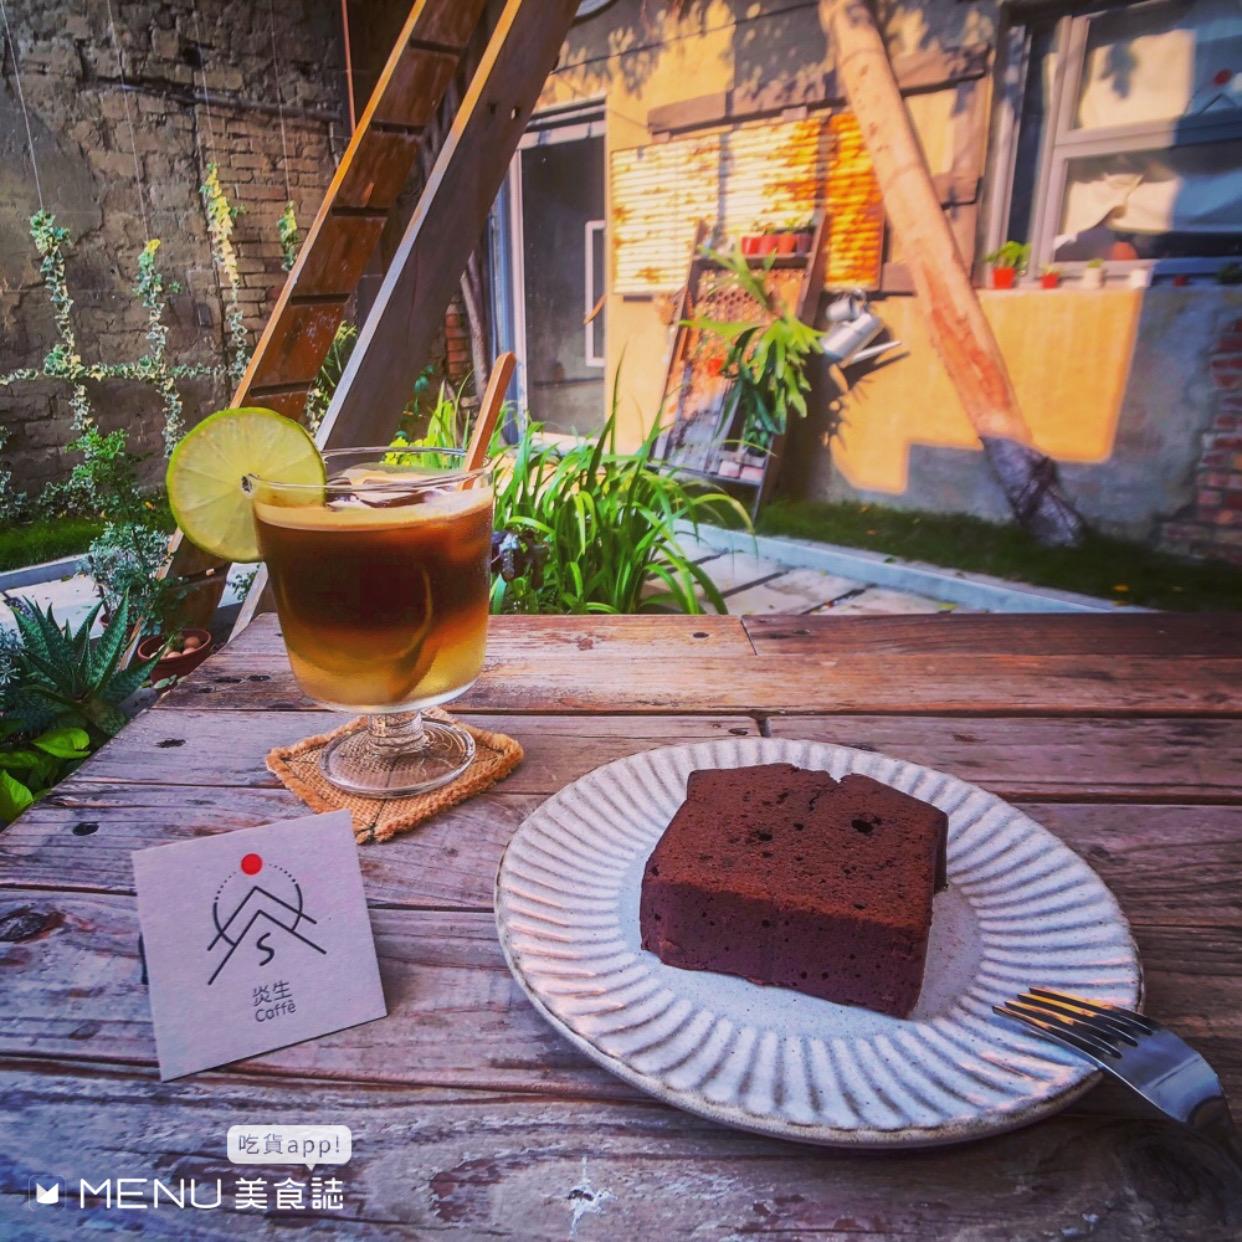 彰化不無聊!精選七間美食,超夯火鍋、廢墟咖啡廳、爆汁湯包,來個彰化一日遊吧!